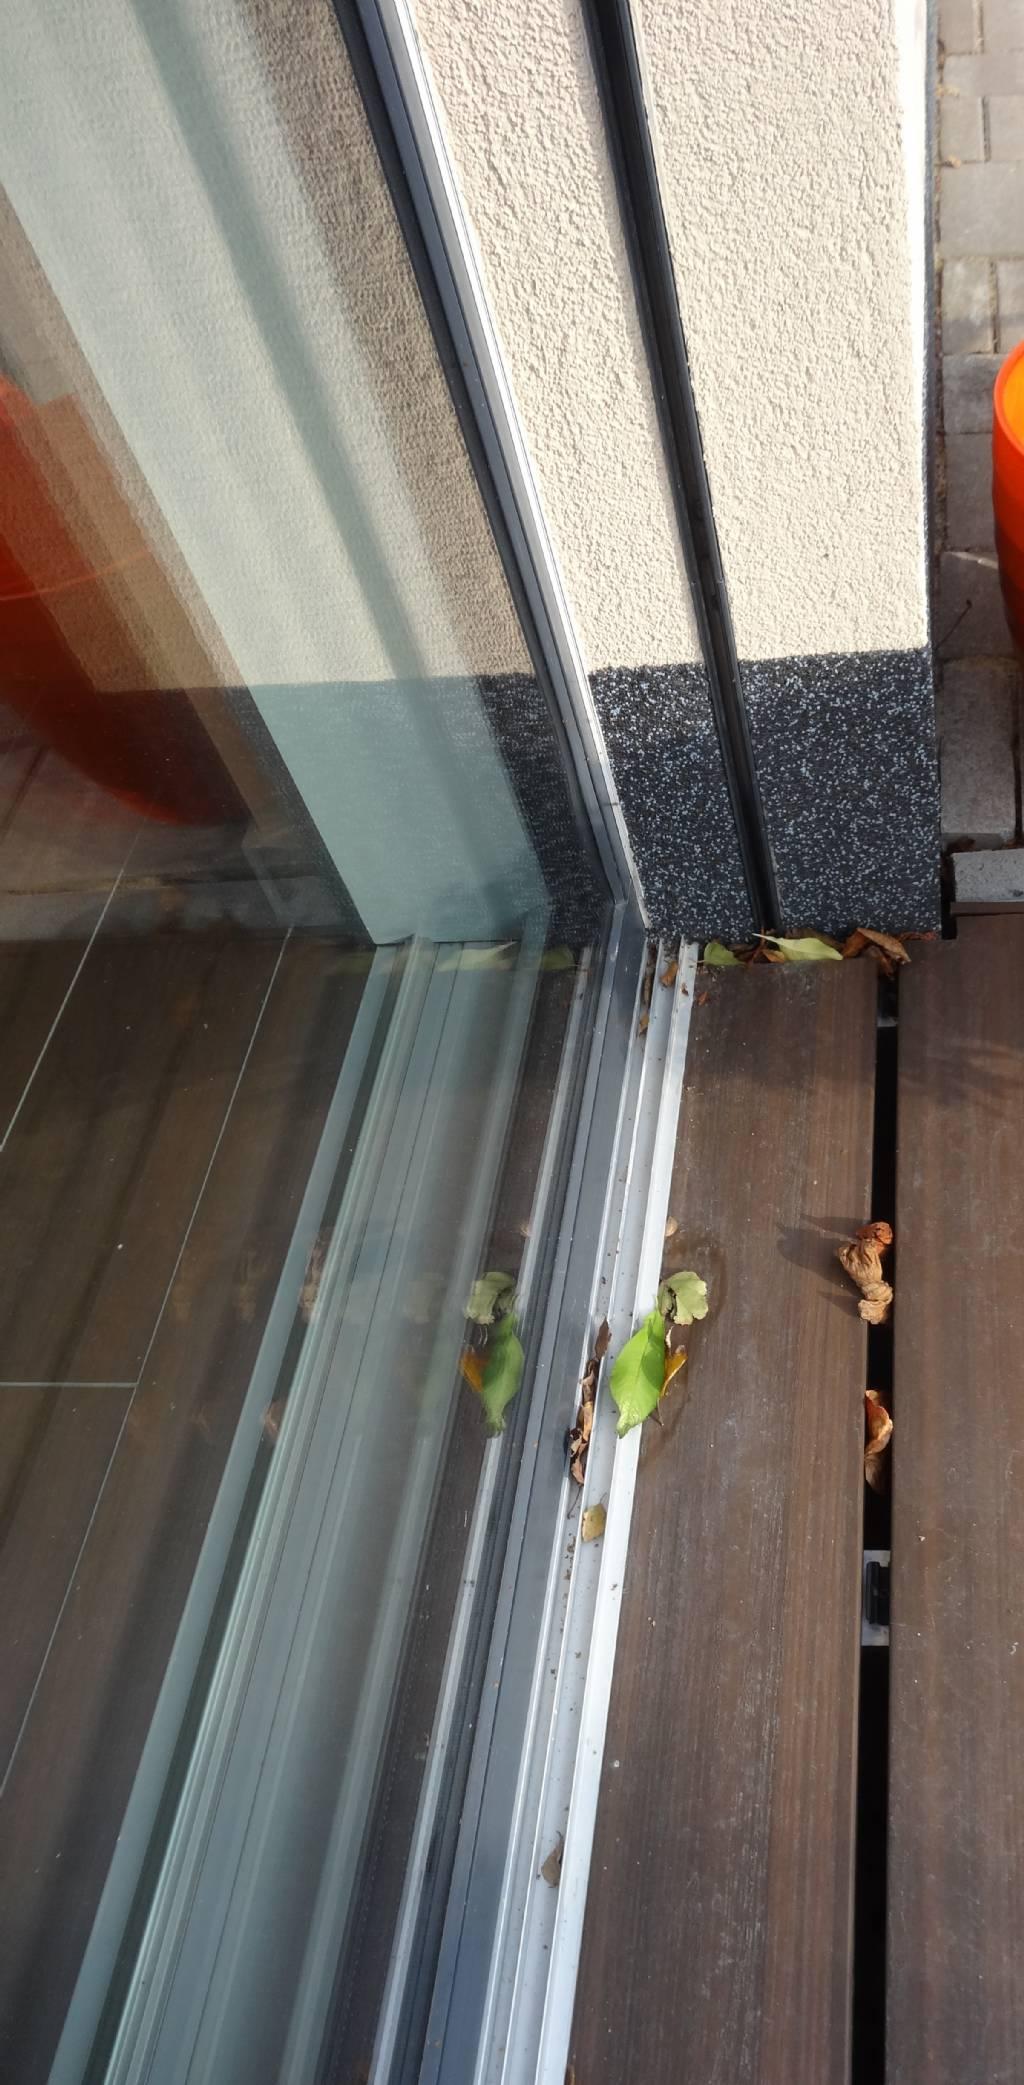 Bodenschwelle Bei Balkontur Fensterforum Auf Energiesparhaus At